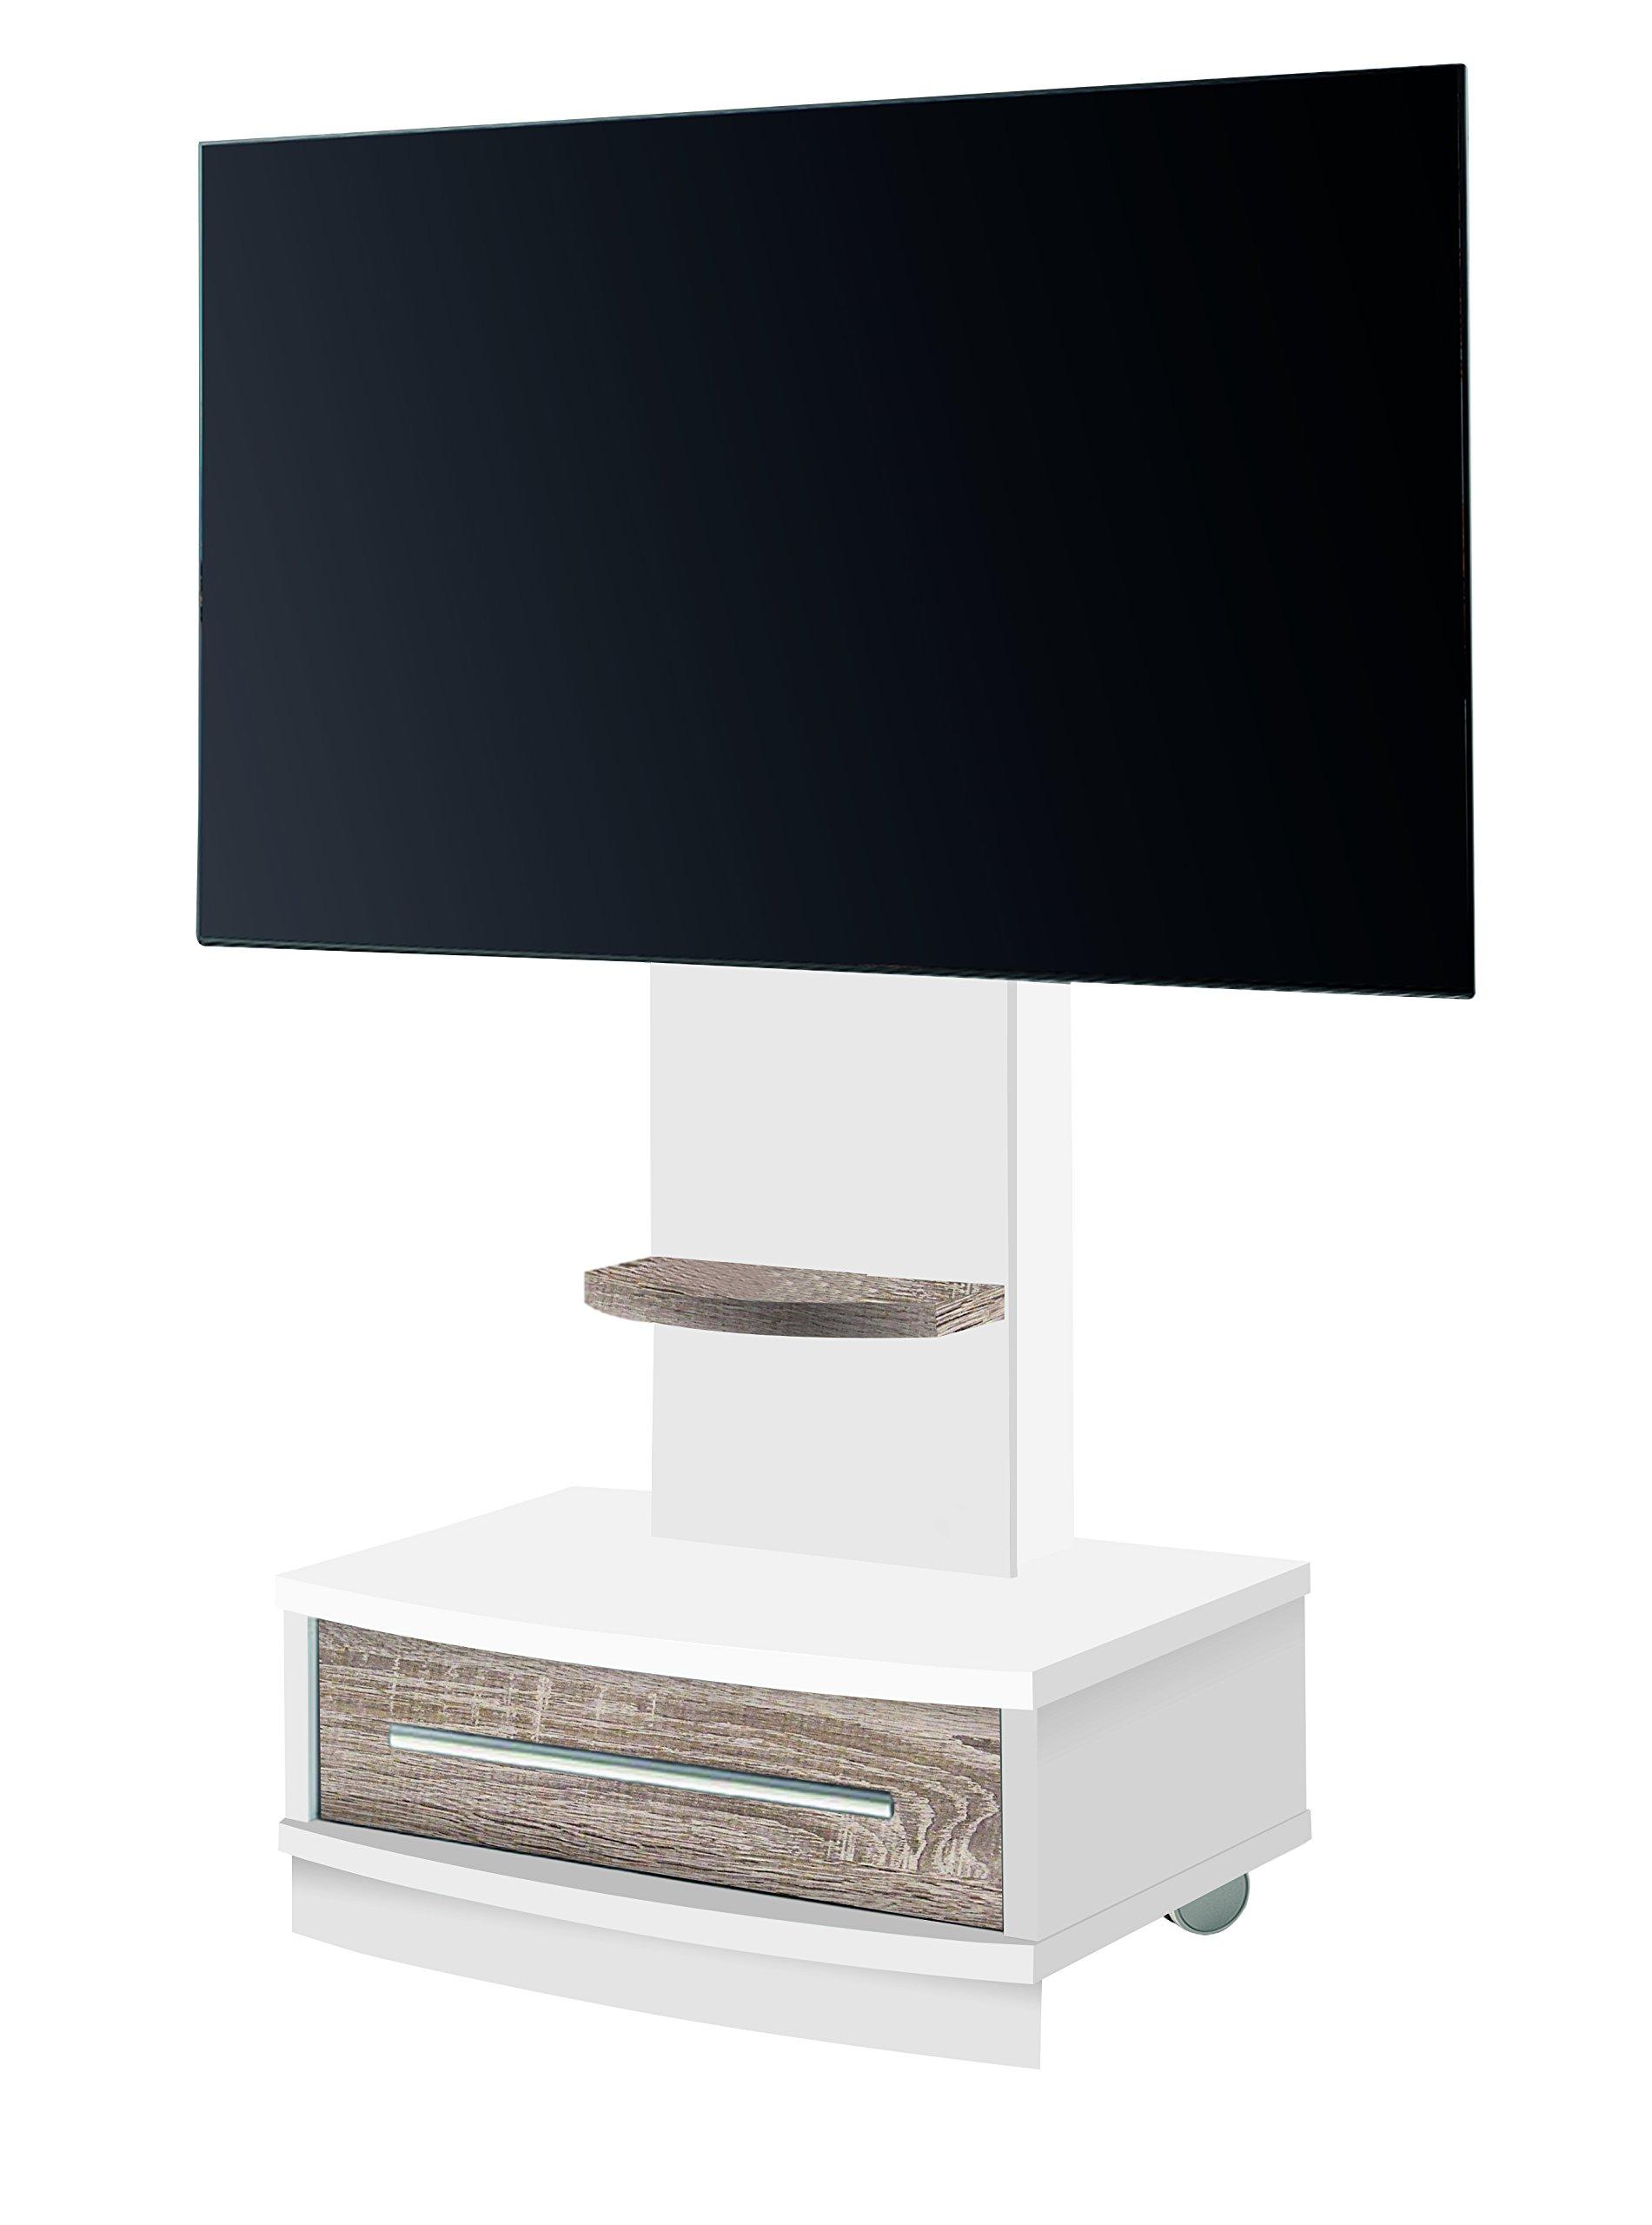 OVERHOME365 4239 B/CM - Mesa TV, madera, color blanco y cambrian, 72x50x131 cm: Amazon.es: Hogar